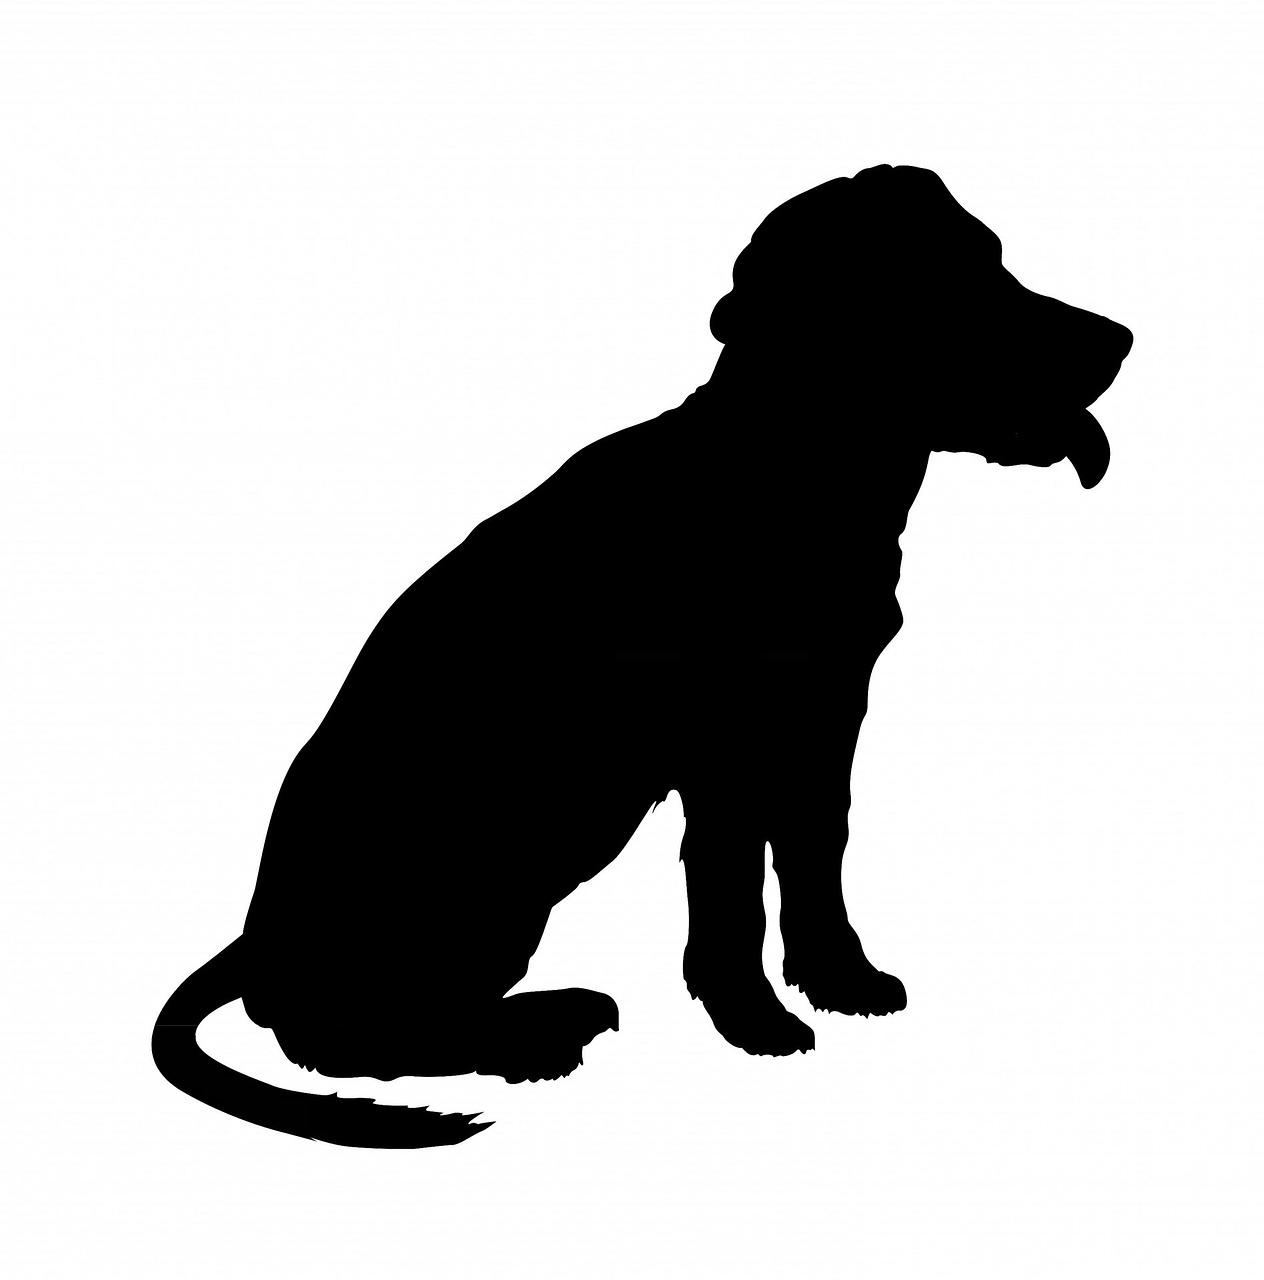 картинка силуэт собаки на прозрачном фоне дождь грозой, обрушившийся